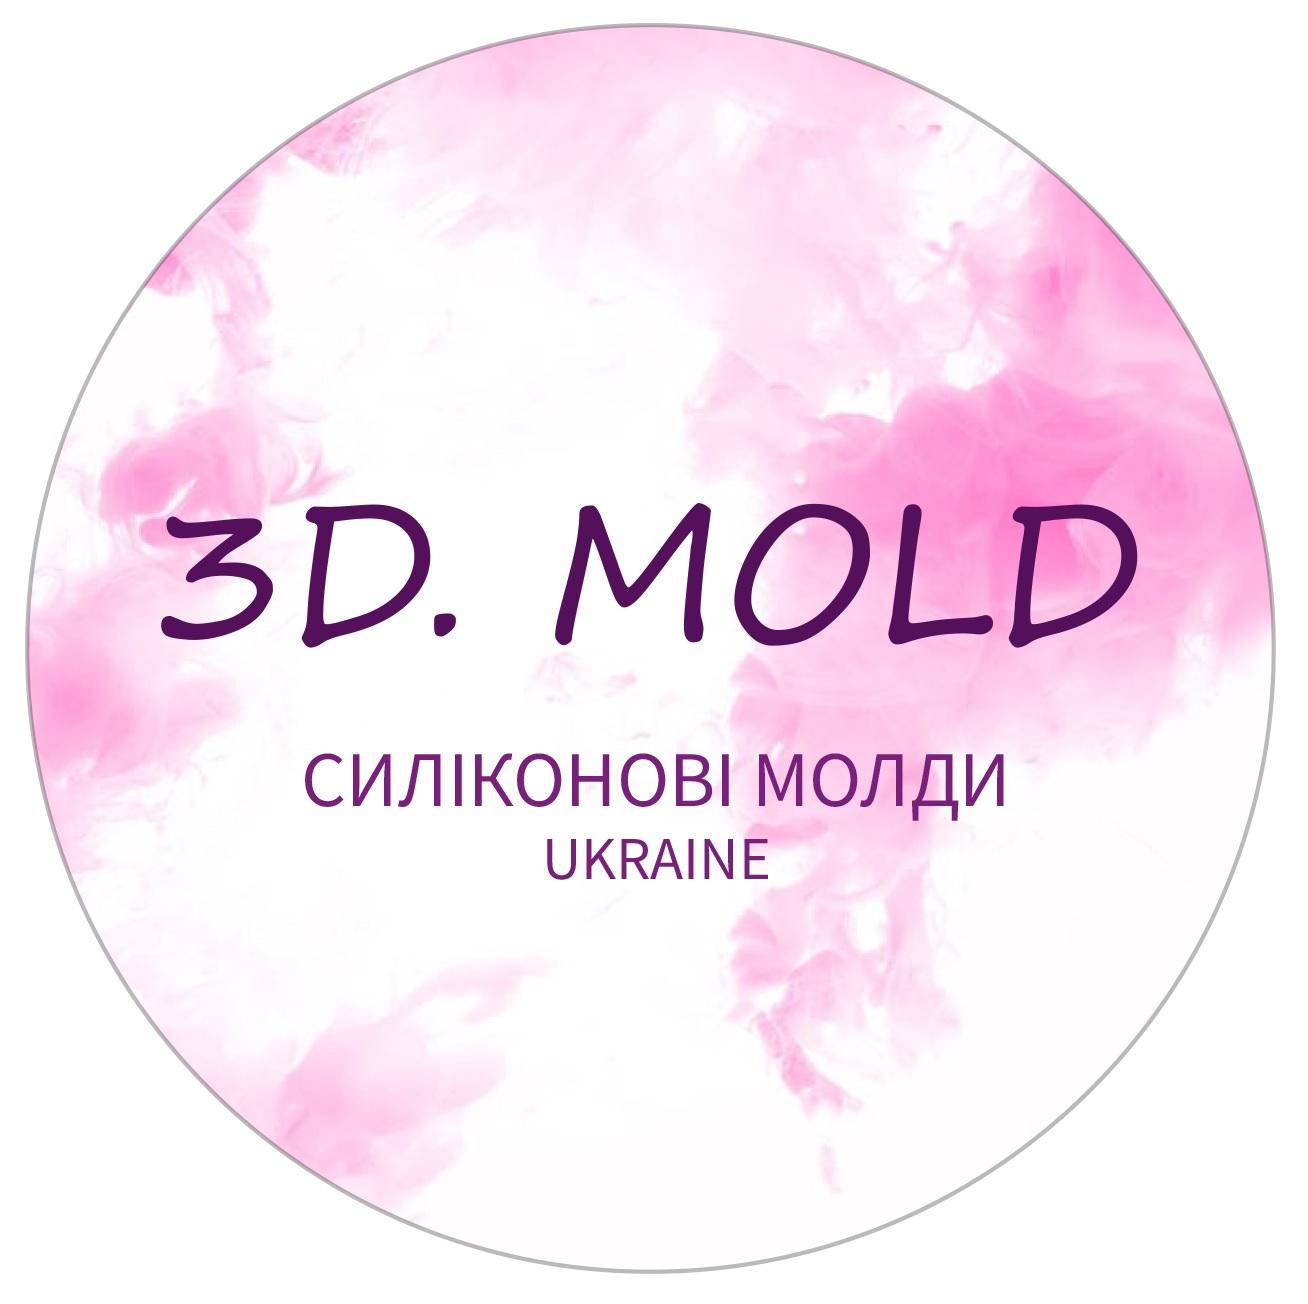 mold.com.ua